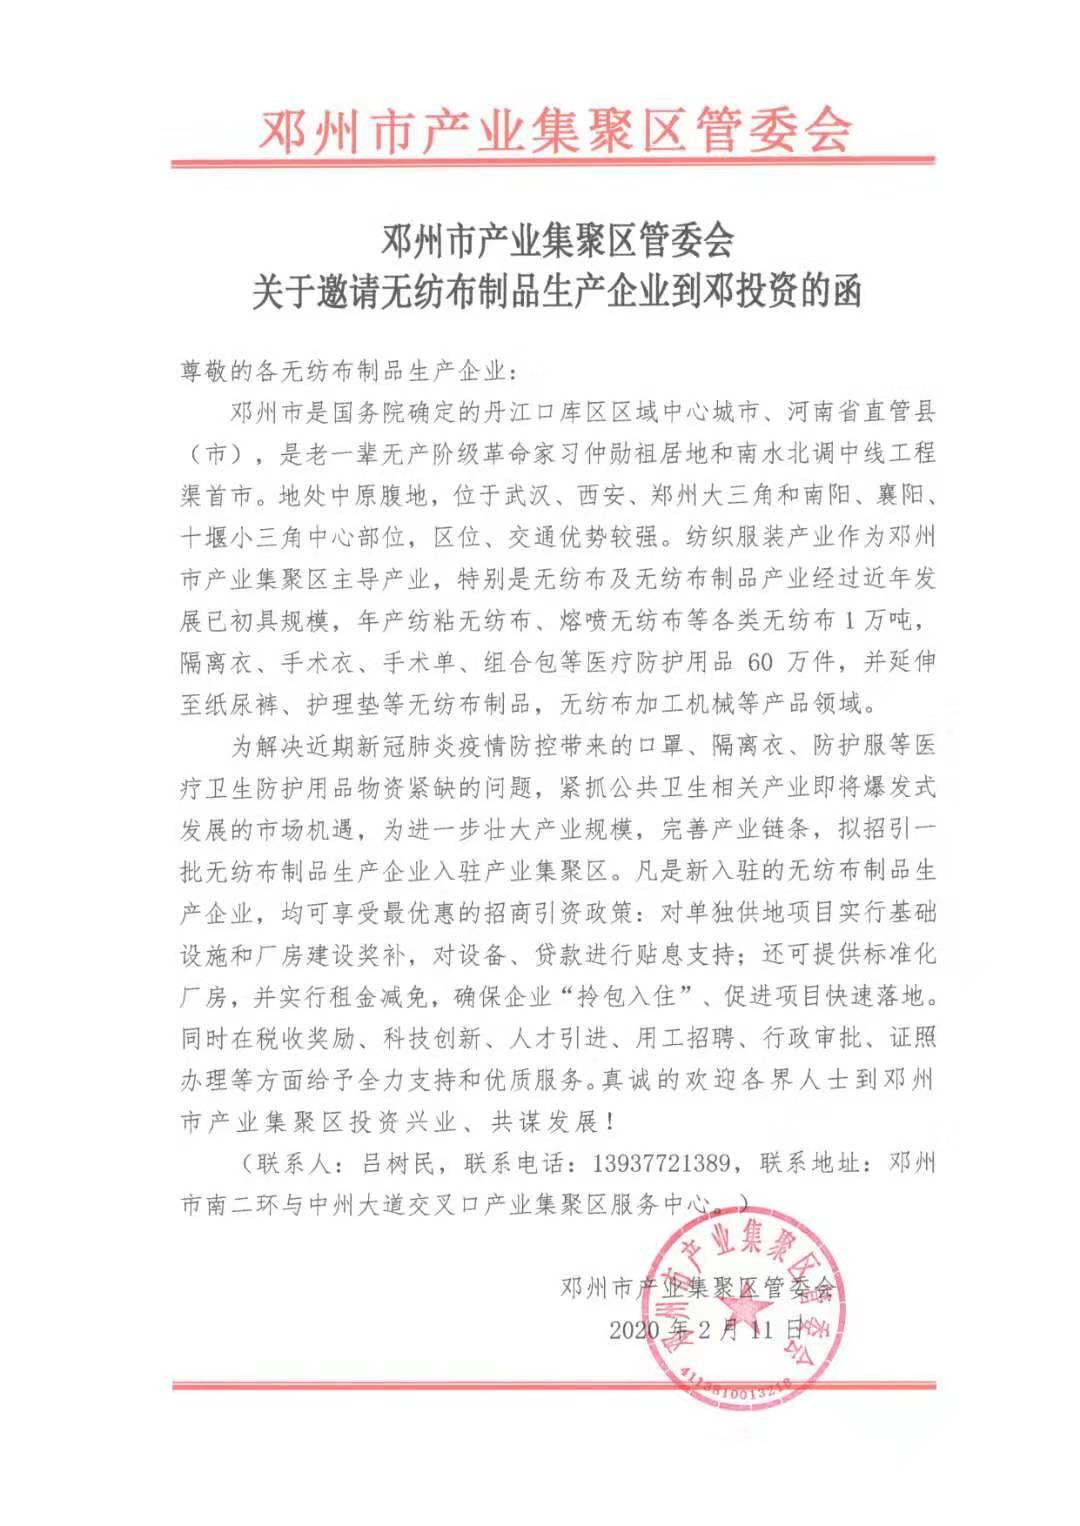 邓州市关于邀请无纺布制品生产企业到邓投资的函!